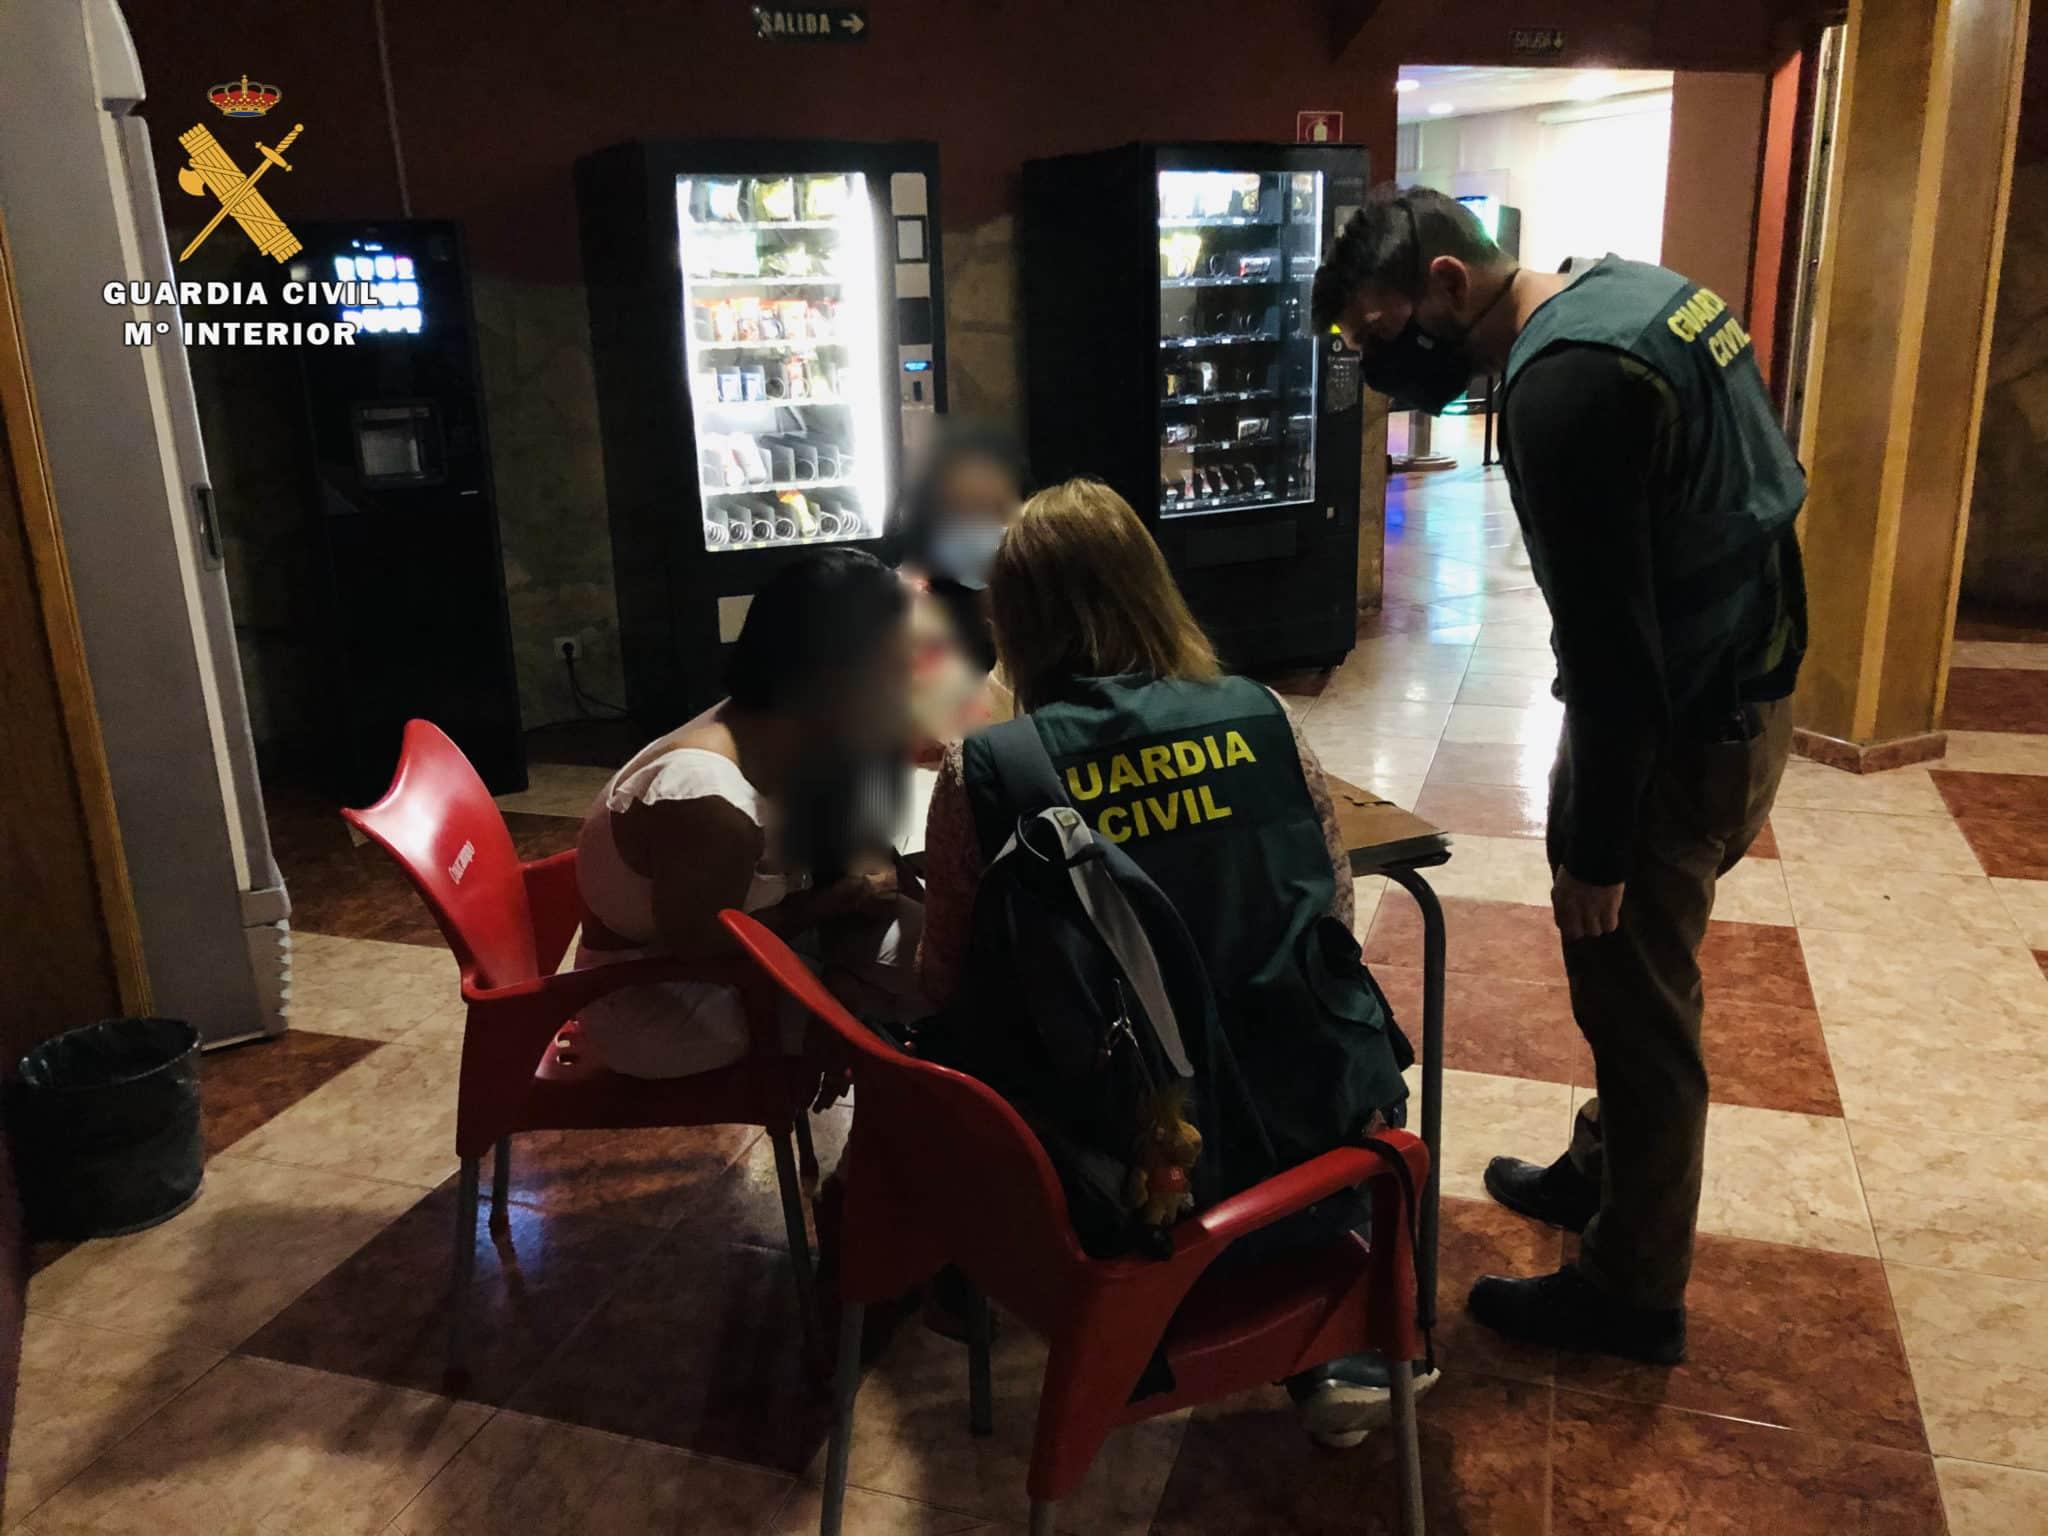 Desalojado por cuarta vez en Rincón un club de alterne que abría al público a pesar de las restricciones por la pandemia 1